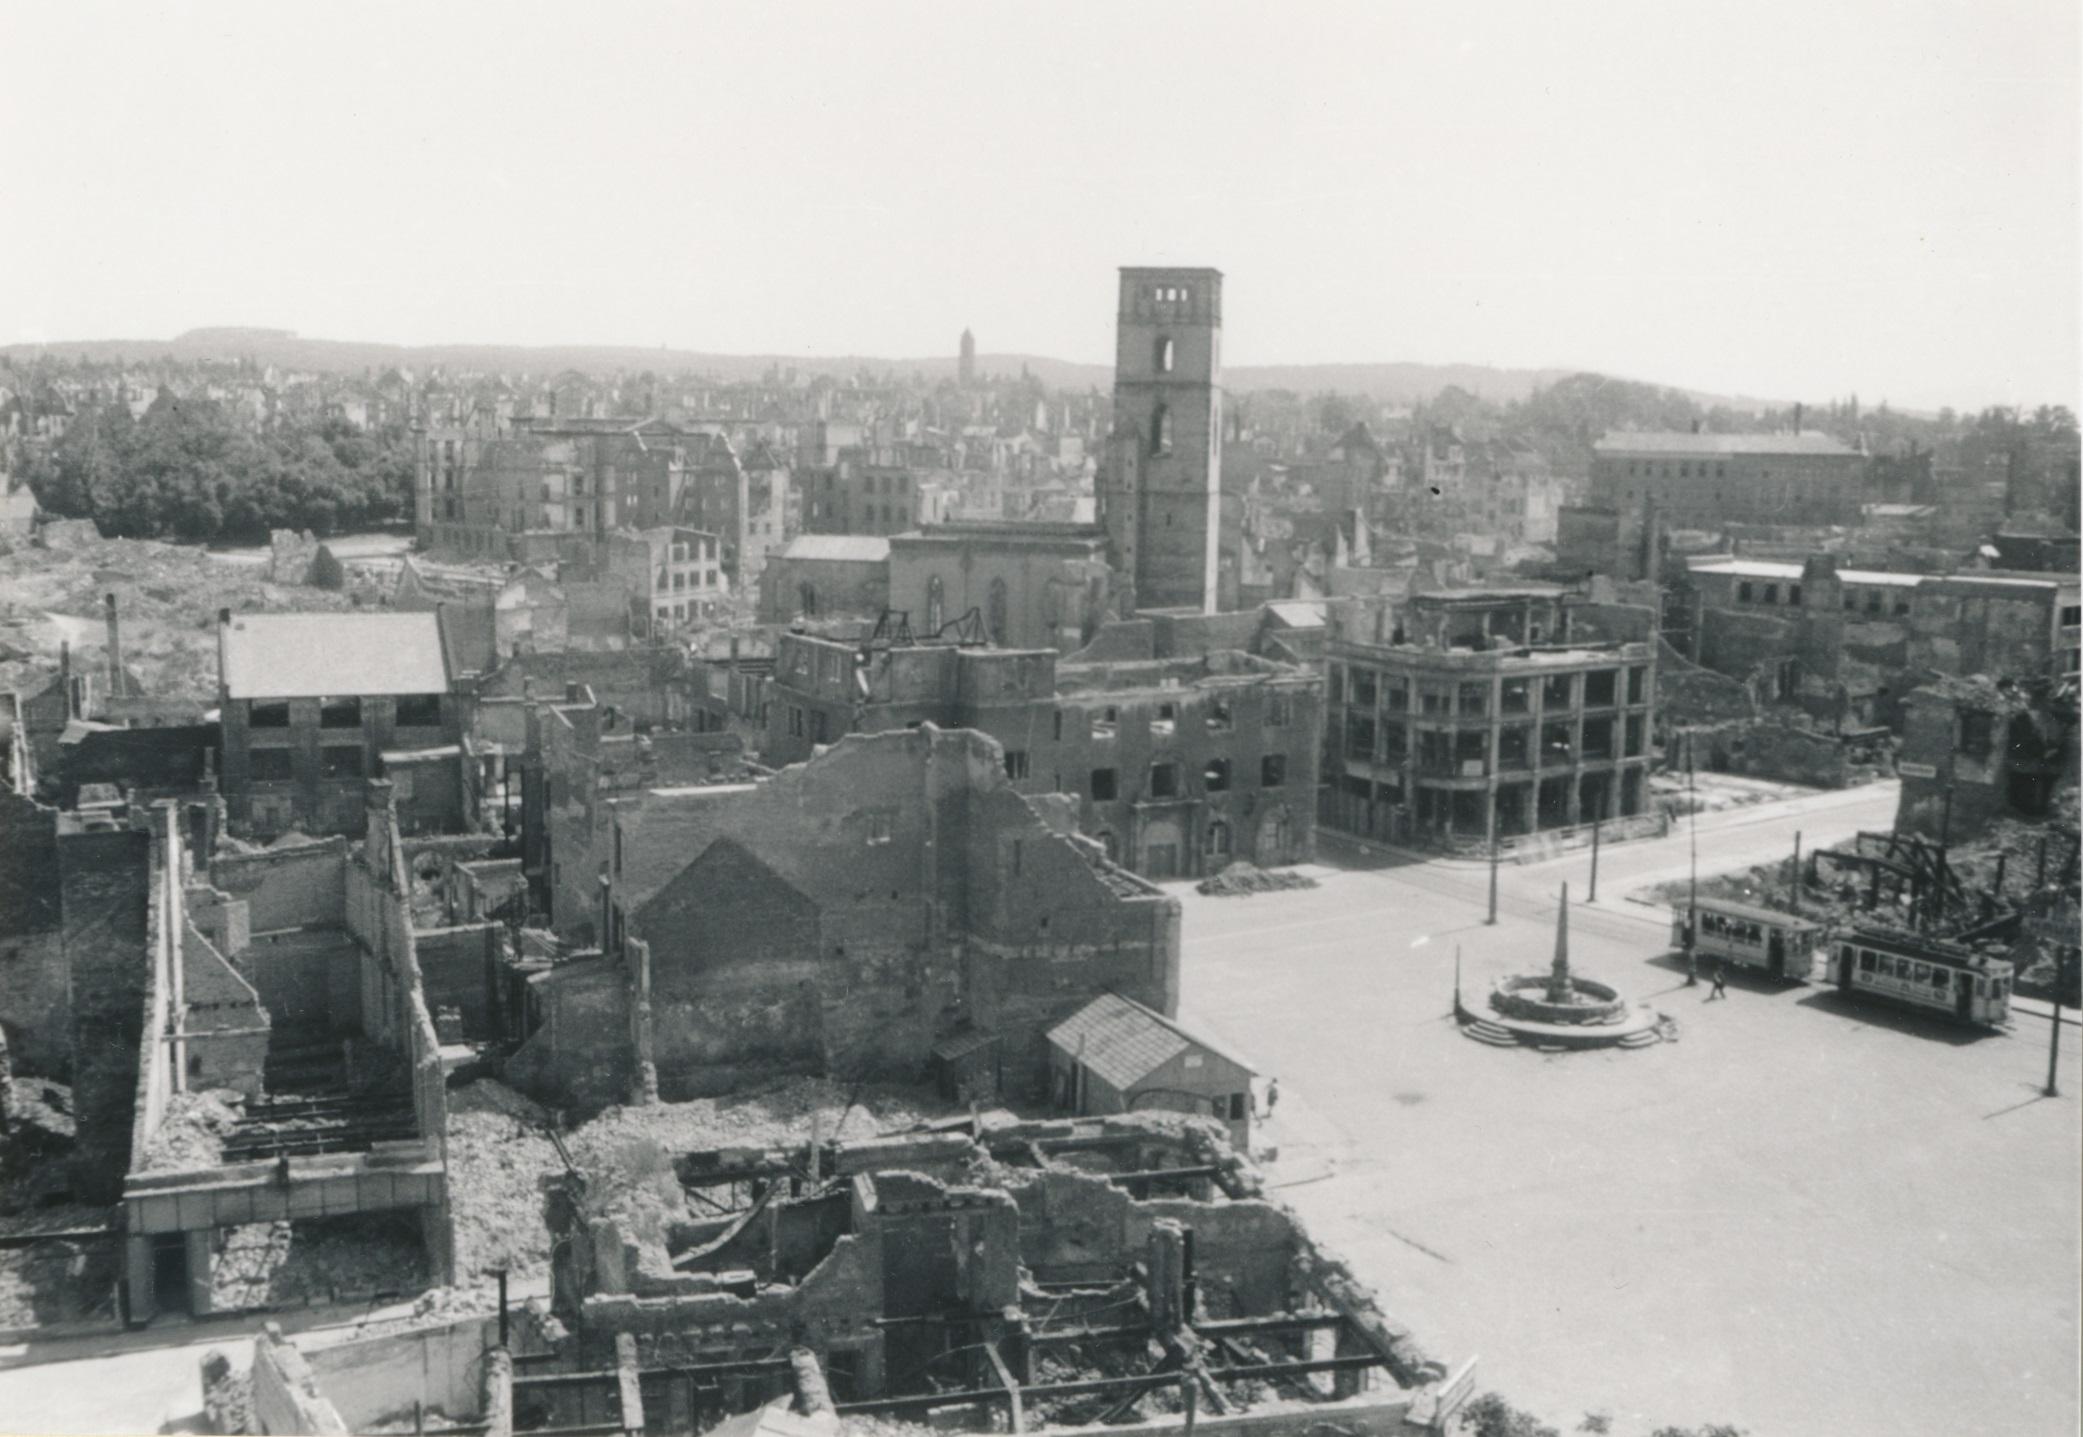 Blick vom Schloss auf Marktbrunnen, Rathaus und Stadtkirche mit Straßenbahn, ca 1947, StadtA DA Best. 53 Nr. 9818